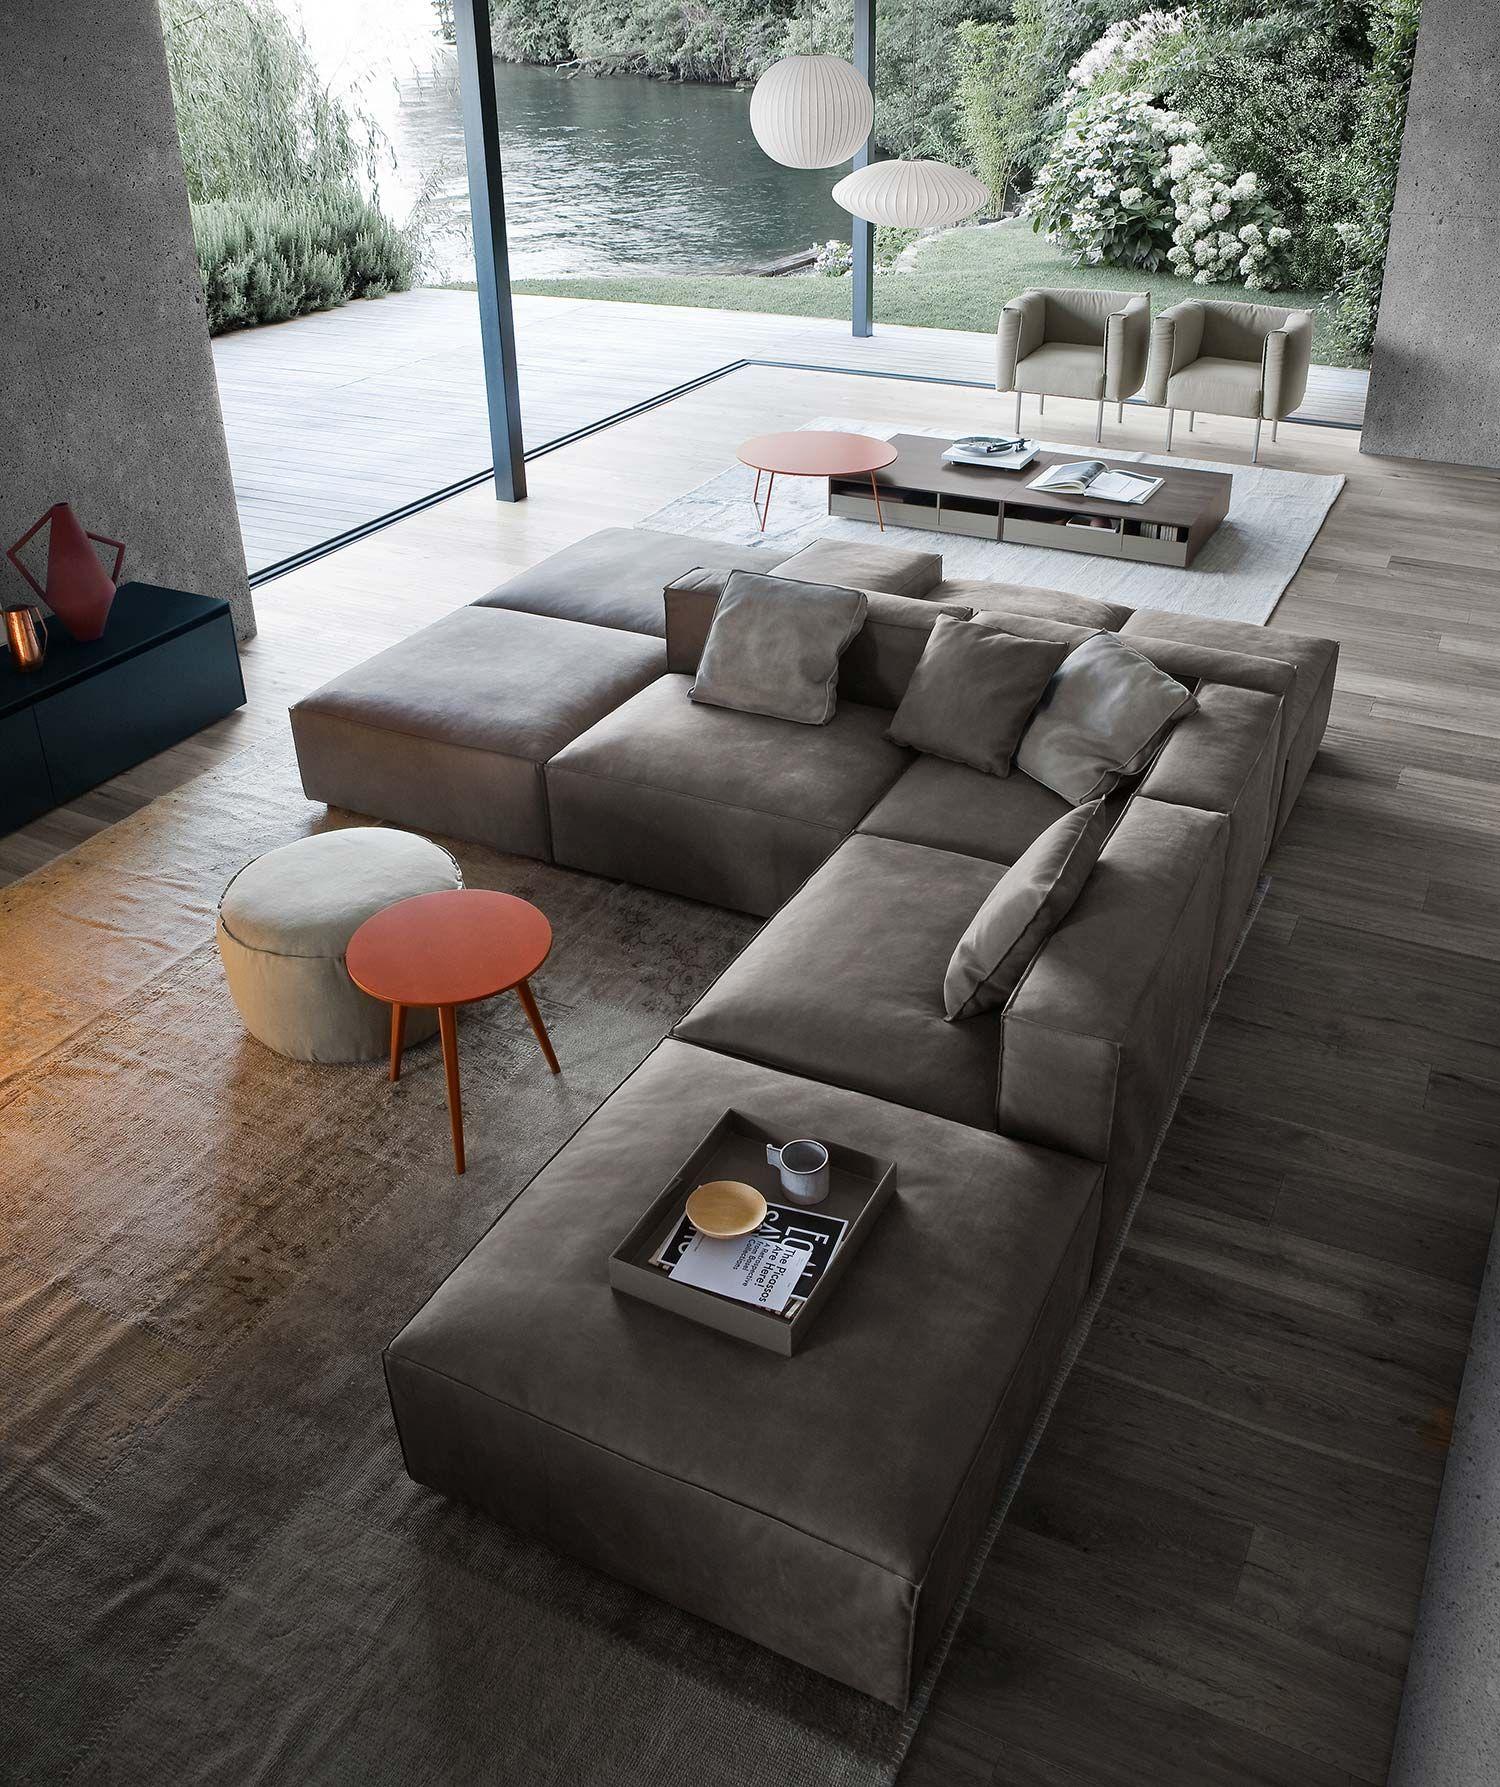 Die Meisten Design Ideen Ein Wohnzimmer In Braun Wirkt Einladend